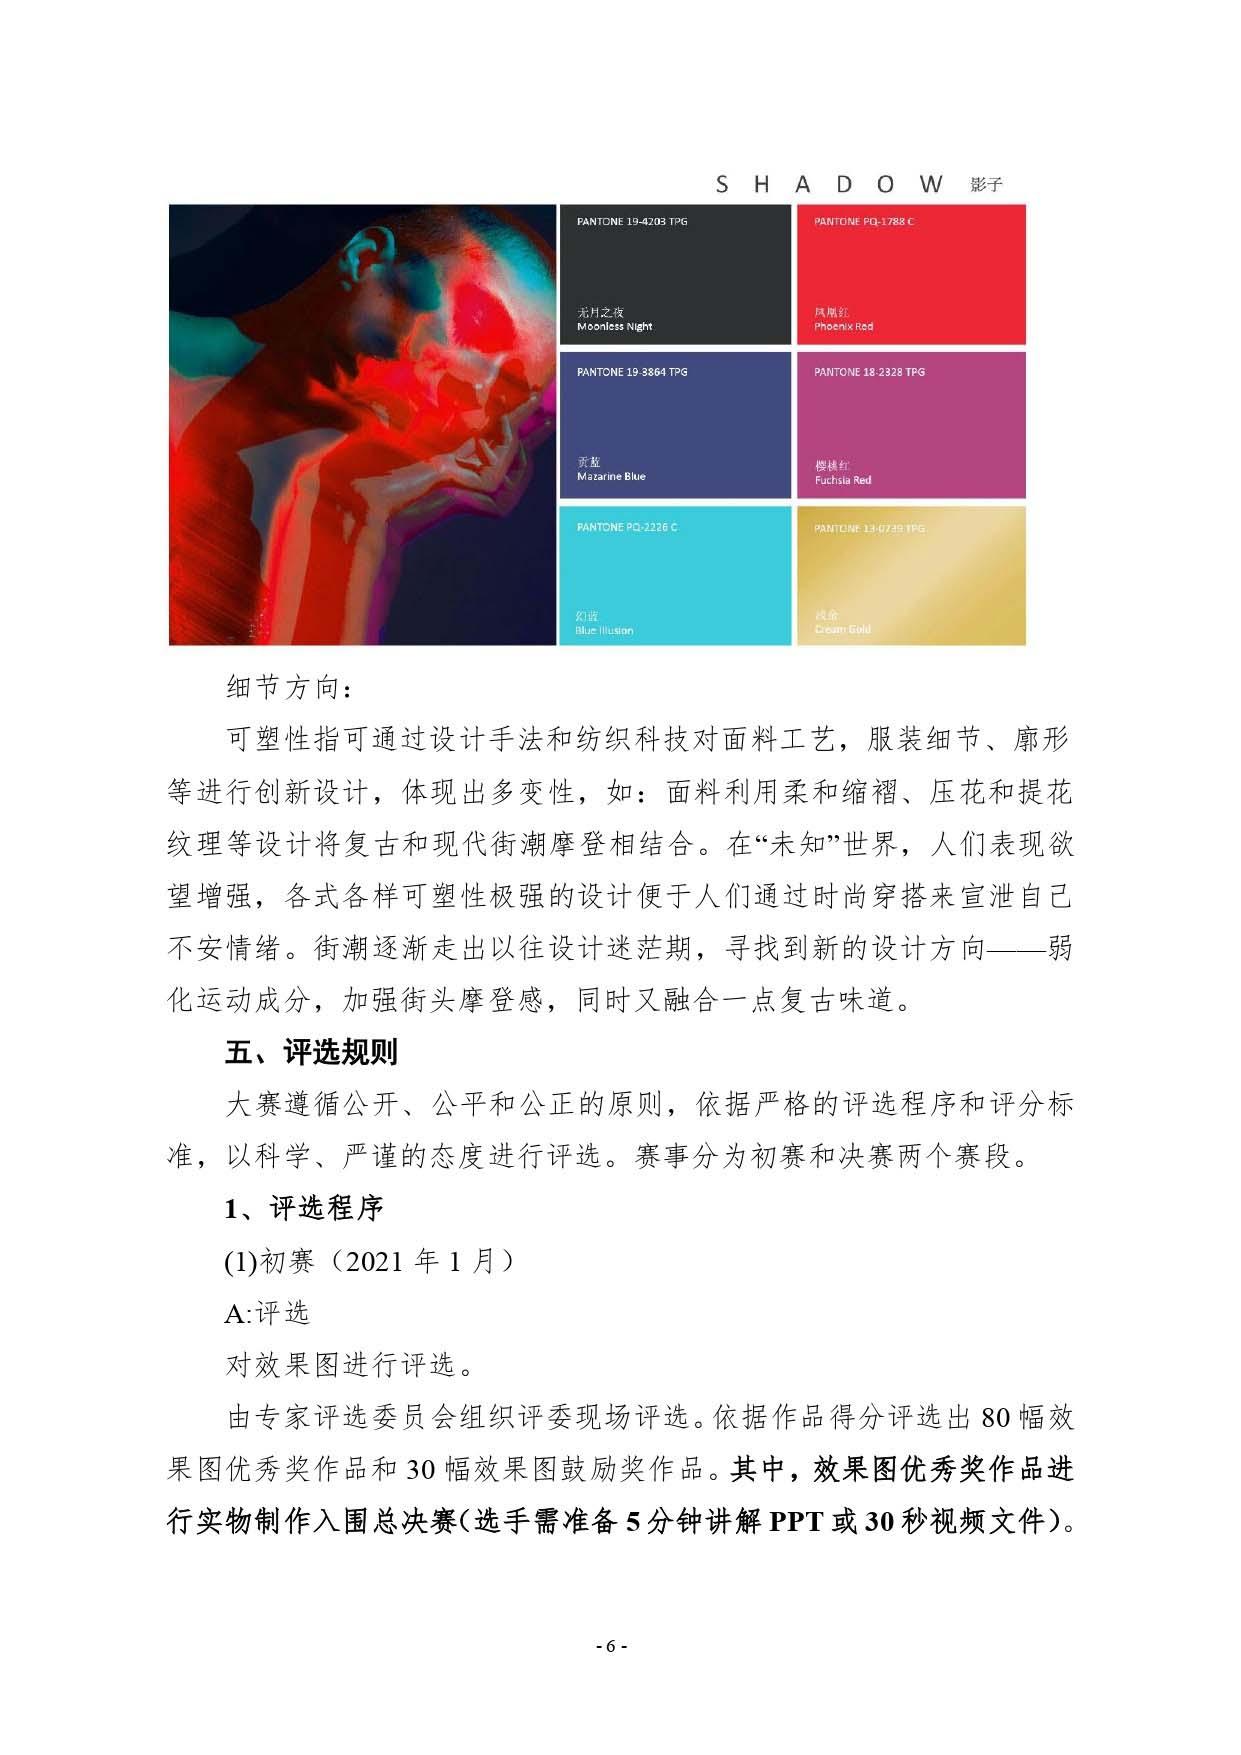 第二十四届(2021)真皮标志杯鞋类大赛通知2020.11.25.印刷版_page-0006.jpg